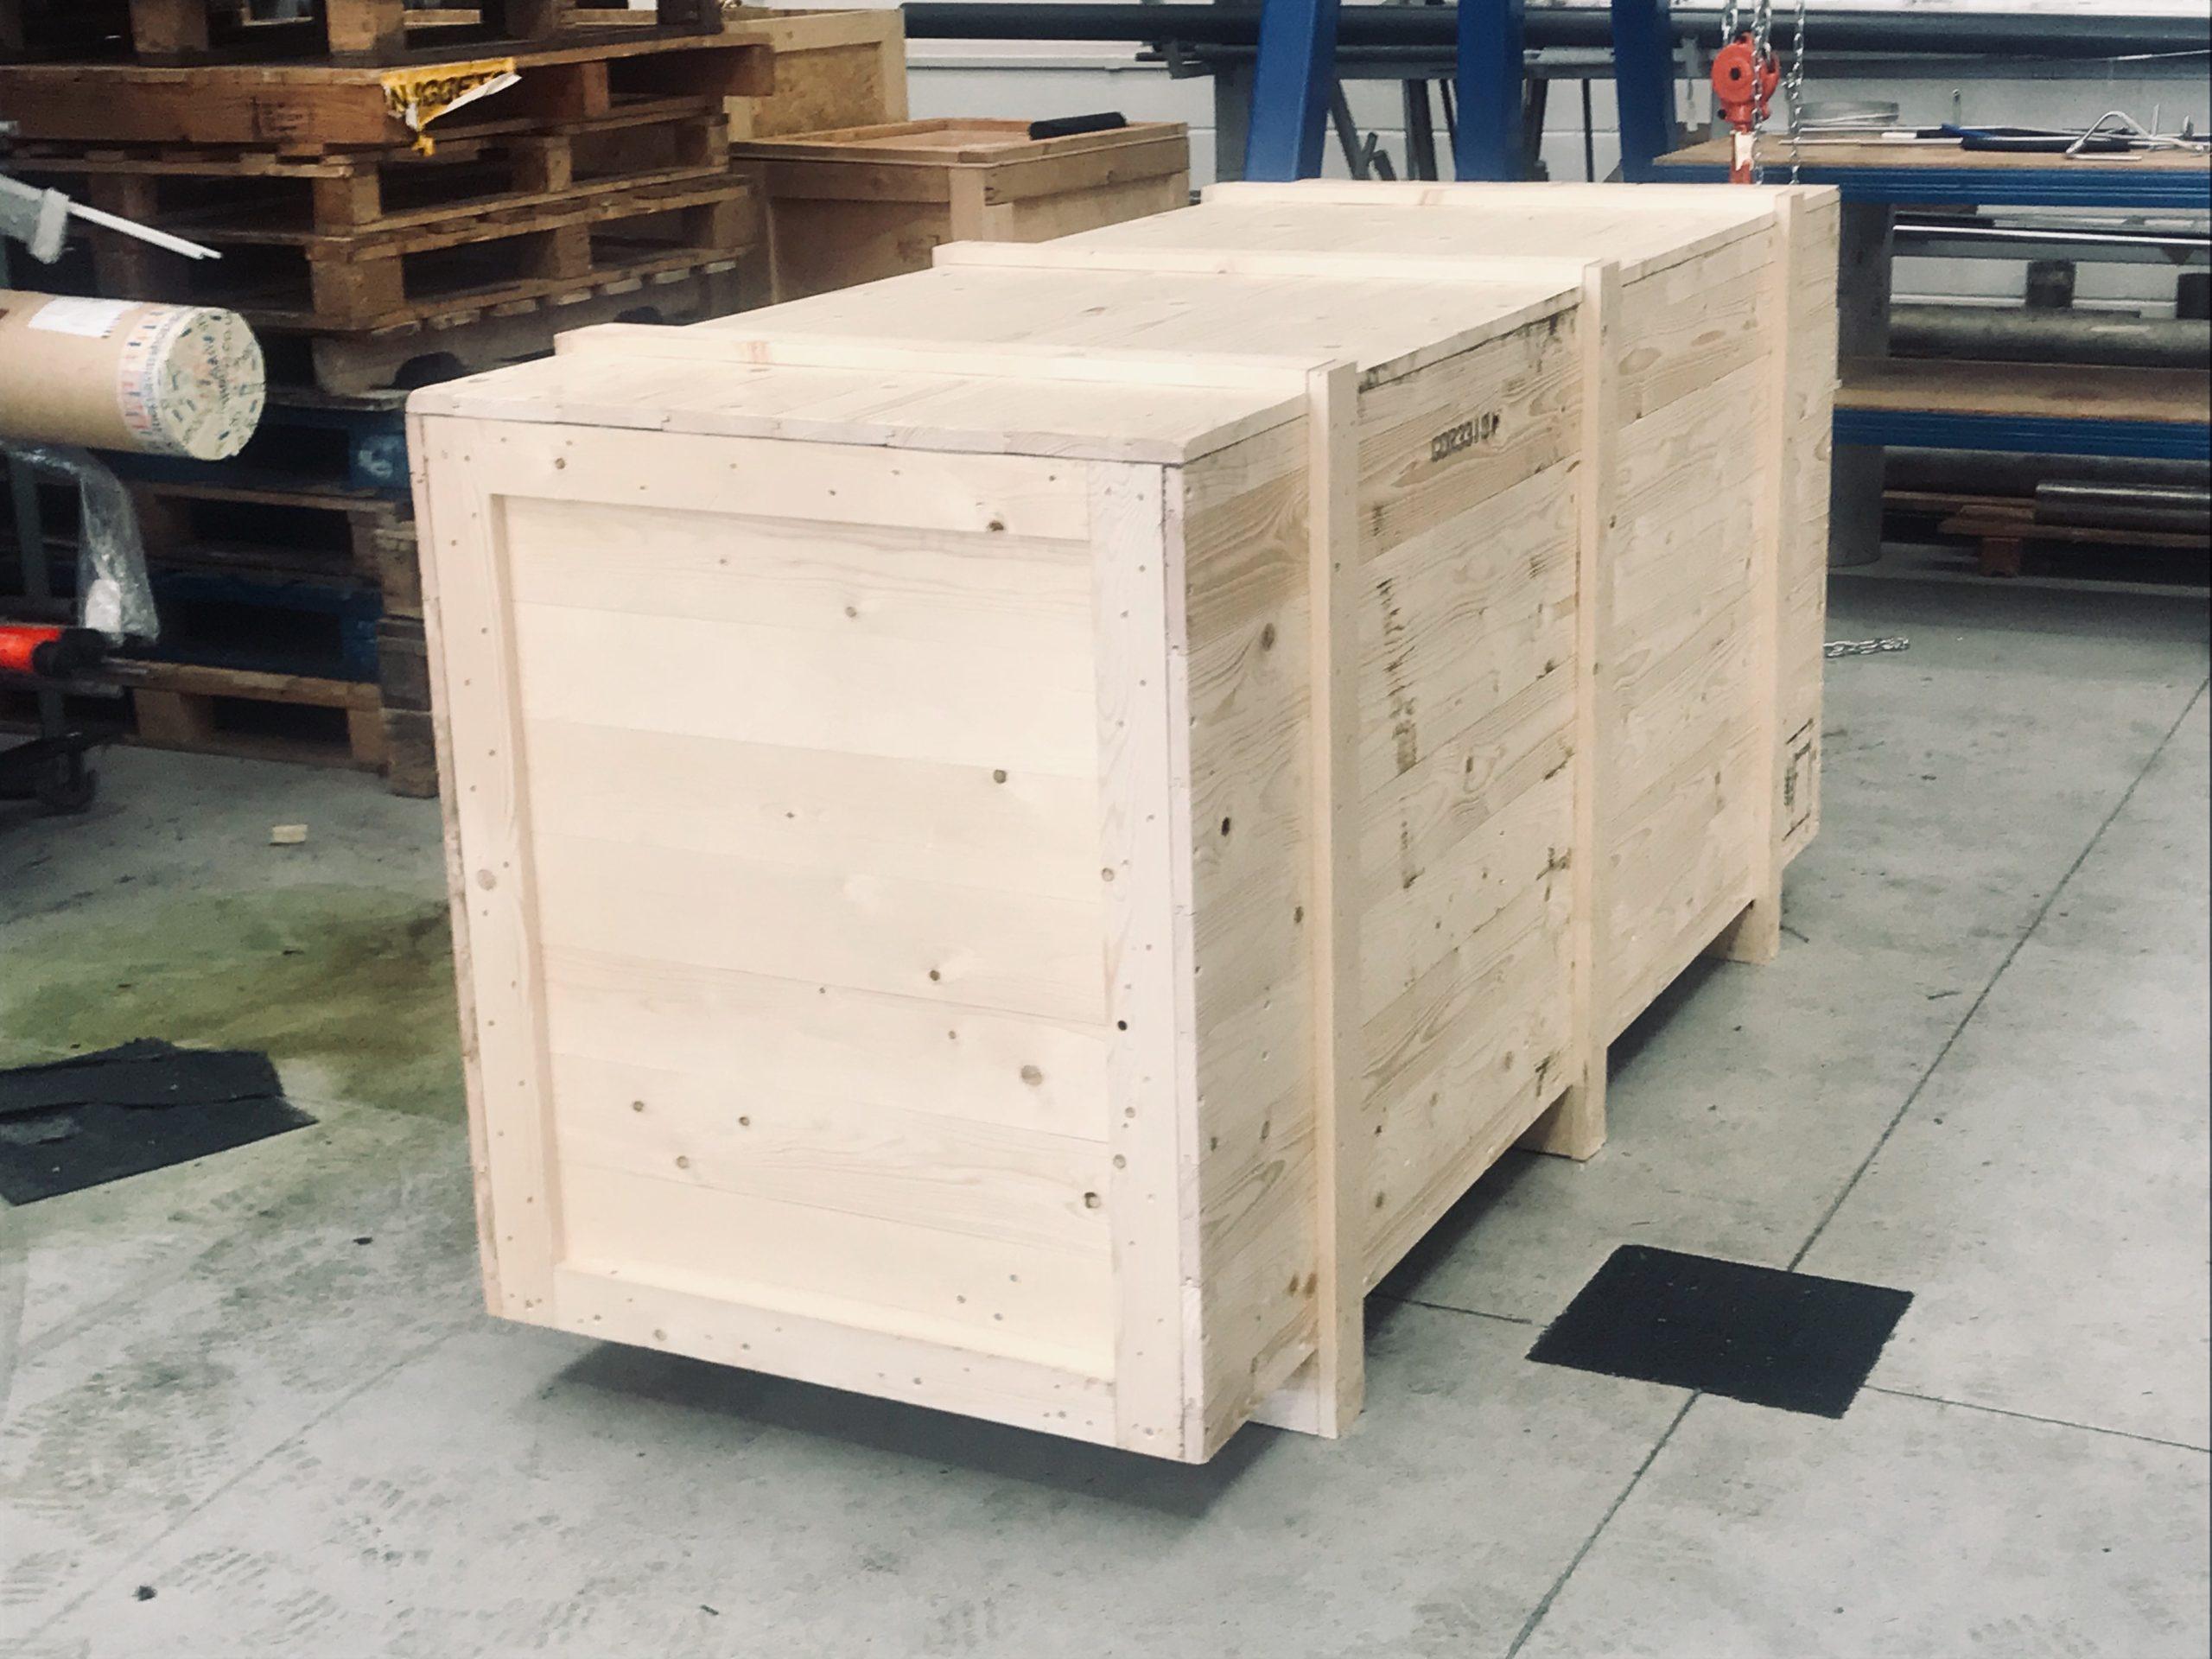 Box Crate